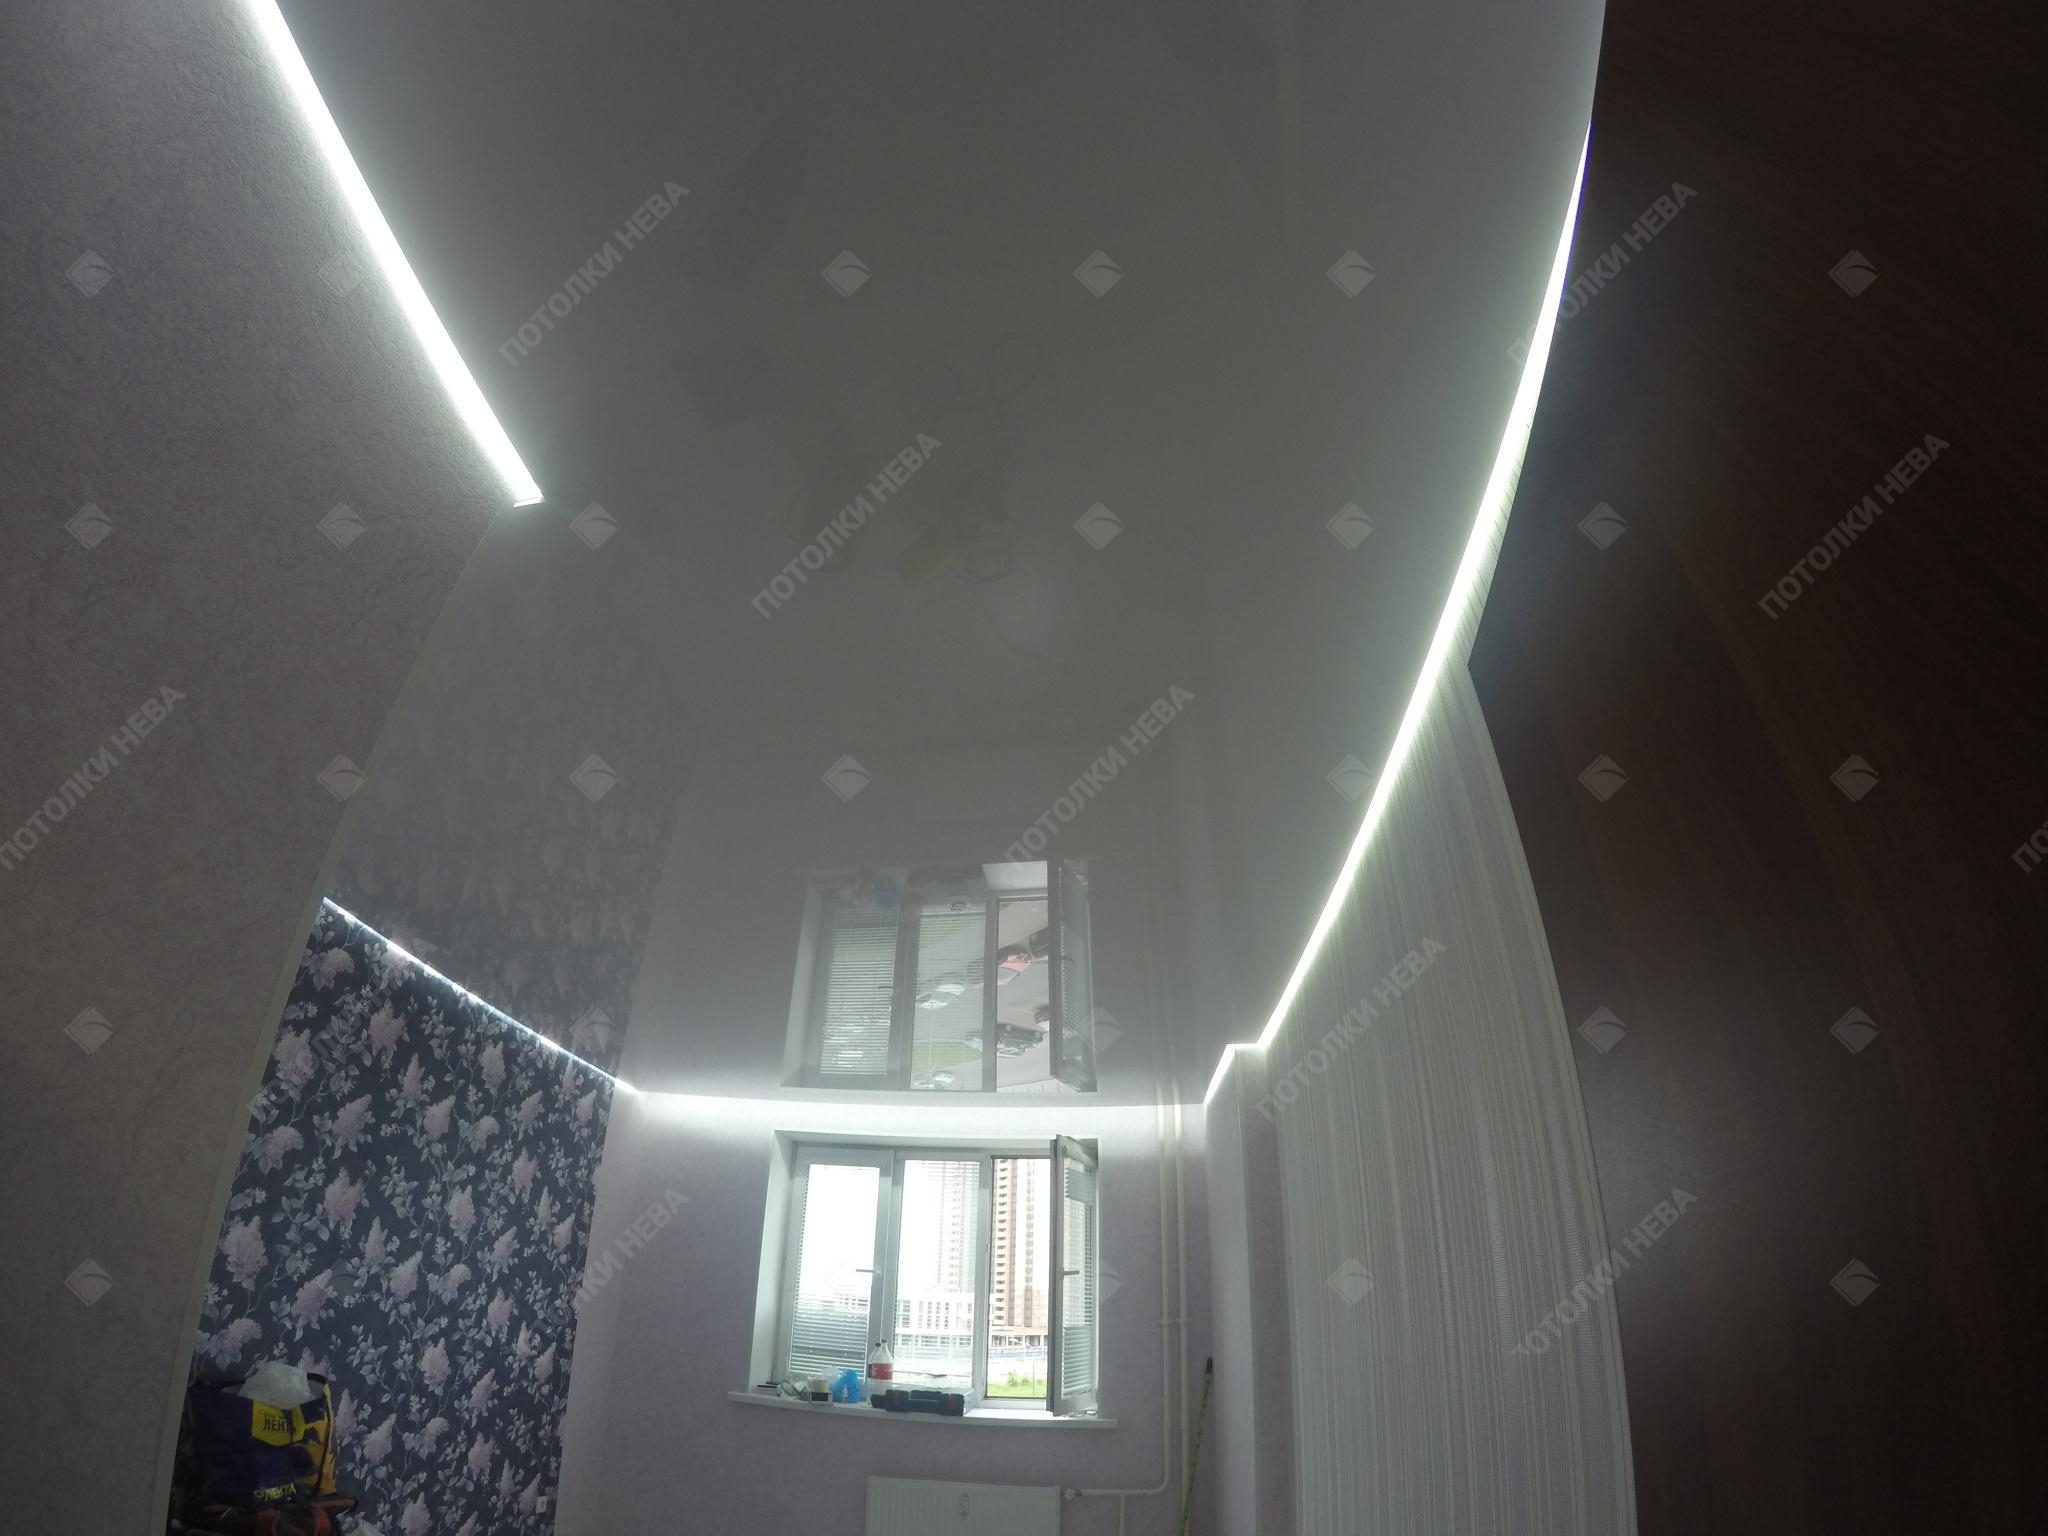 Глянцевый светодиодный потолок в гостиной